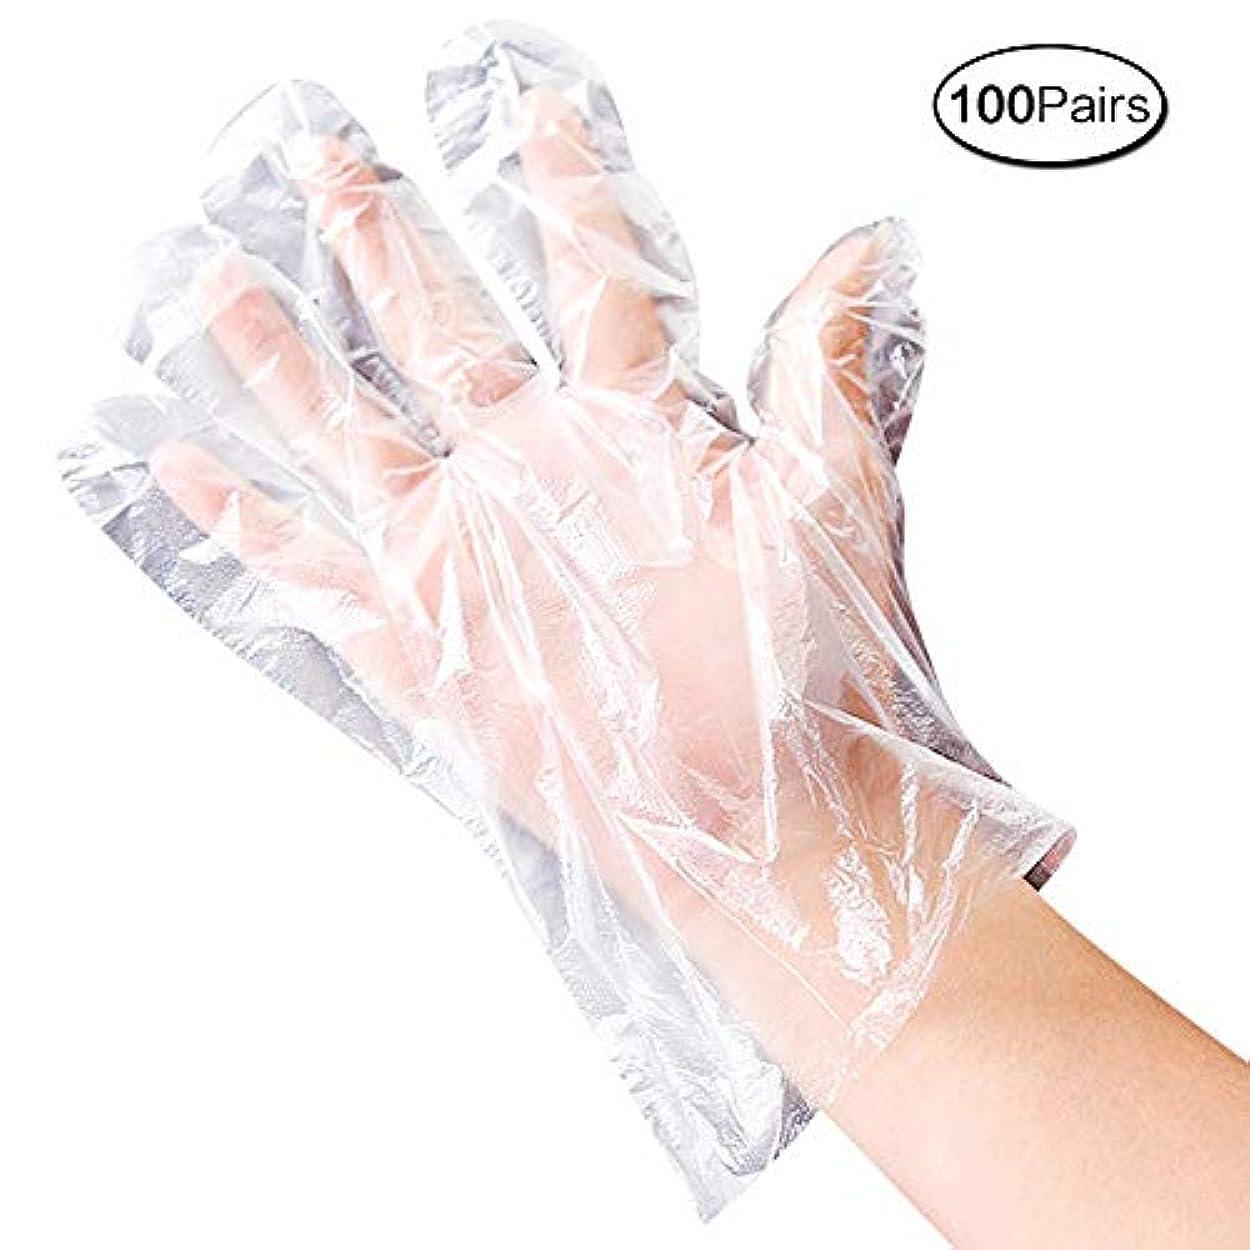 泣く植物学者脱臼する使い捨て手袋 極薄ビニール手袋 ポリエチレン 透明 実用 衛生 100枚*2セット